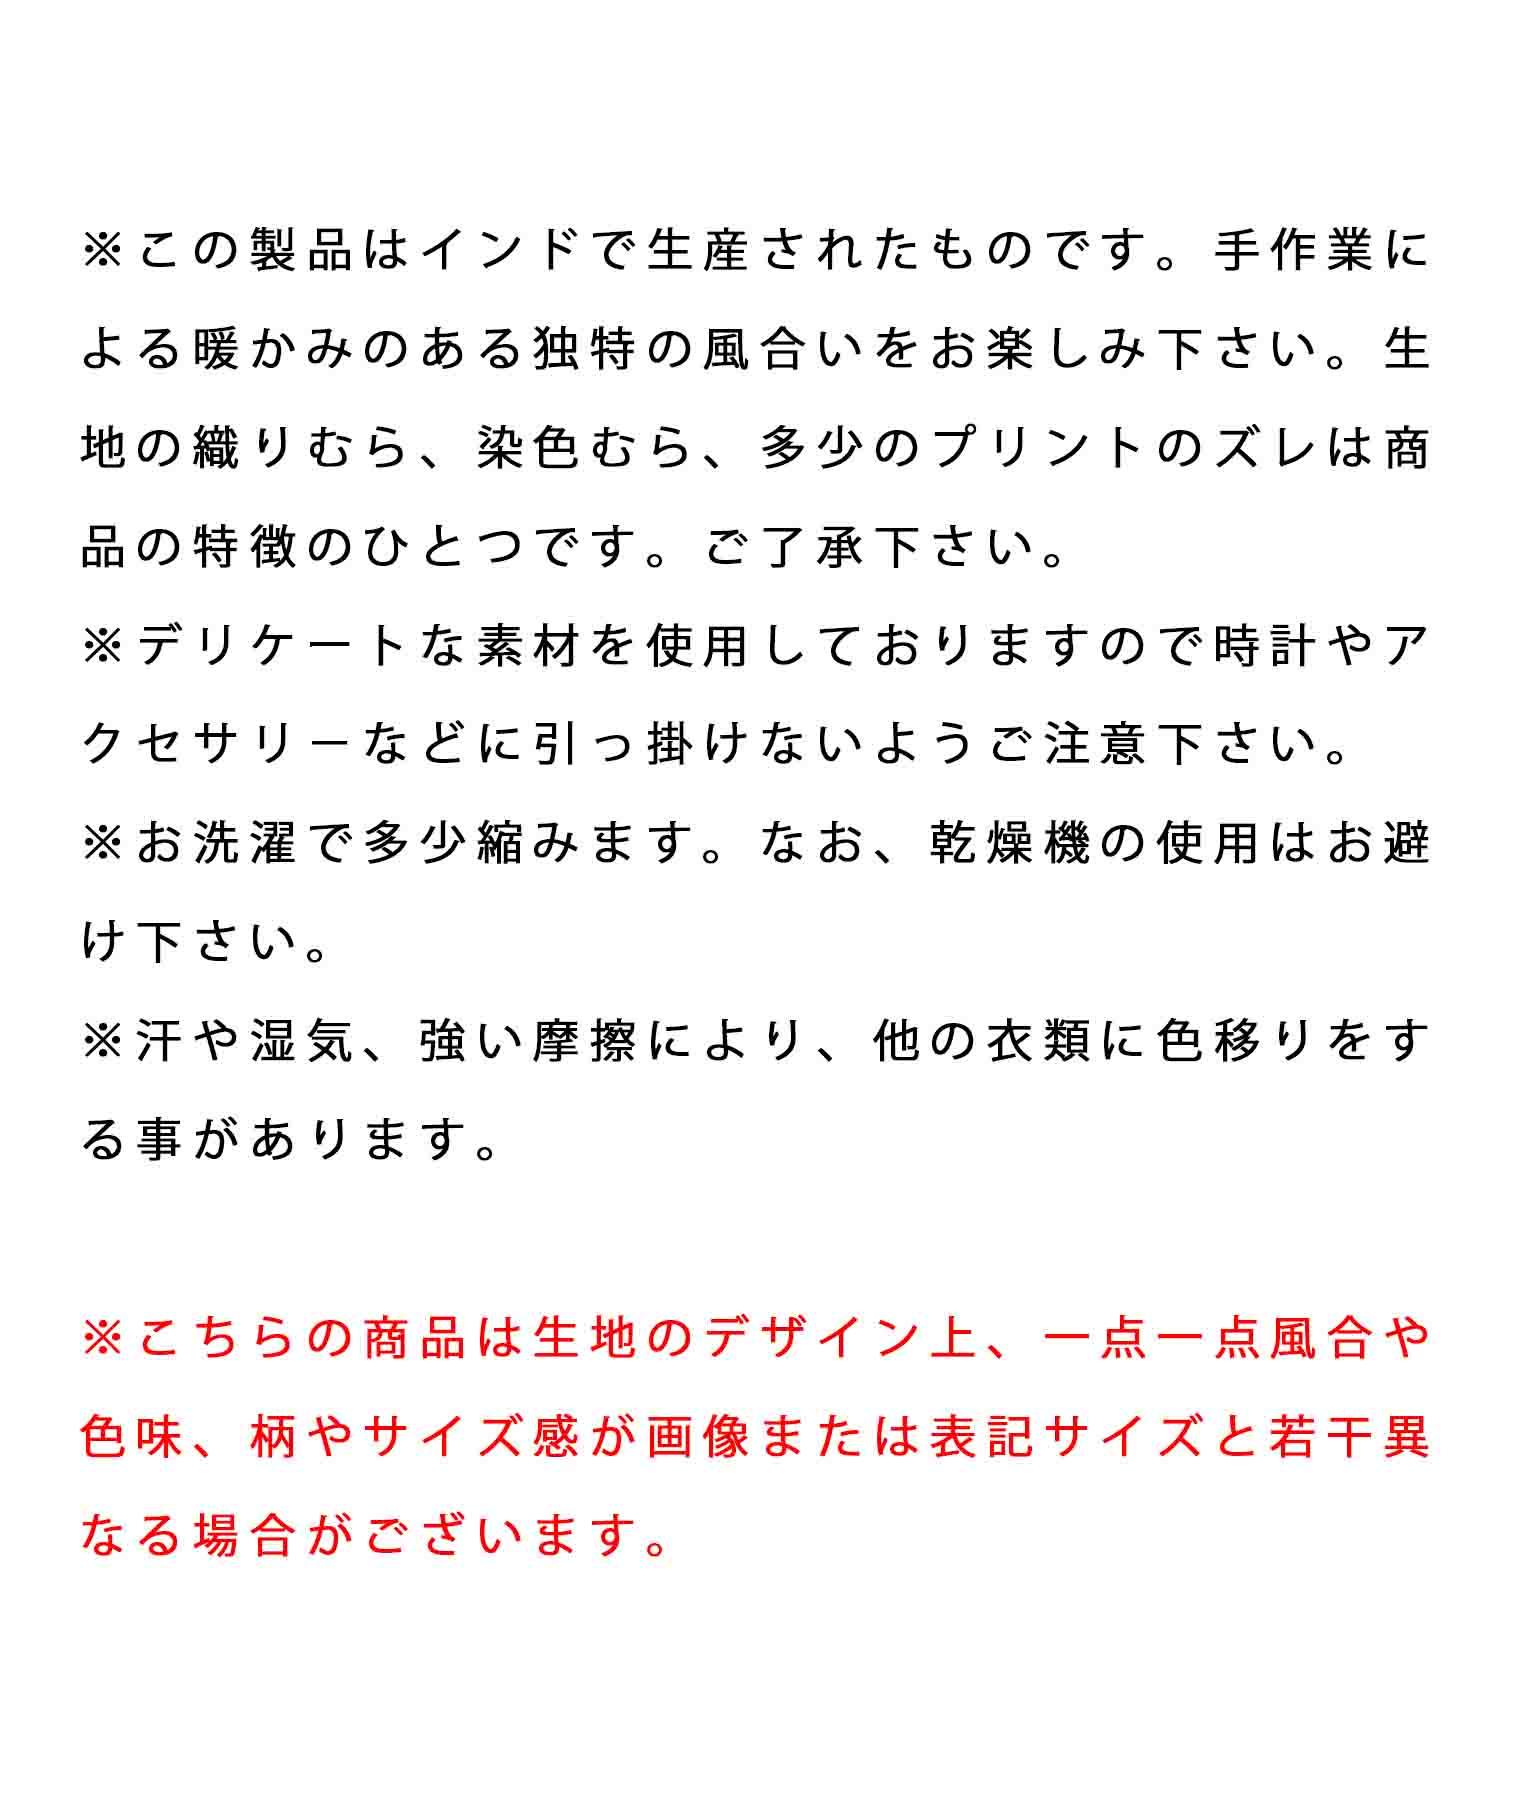 ジオメトリック柄キャミソールワンピース(ワンピース・ドレス/ロングワンピ・マキシ丈ワンピース) | anap mimpi